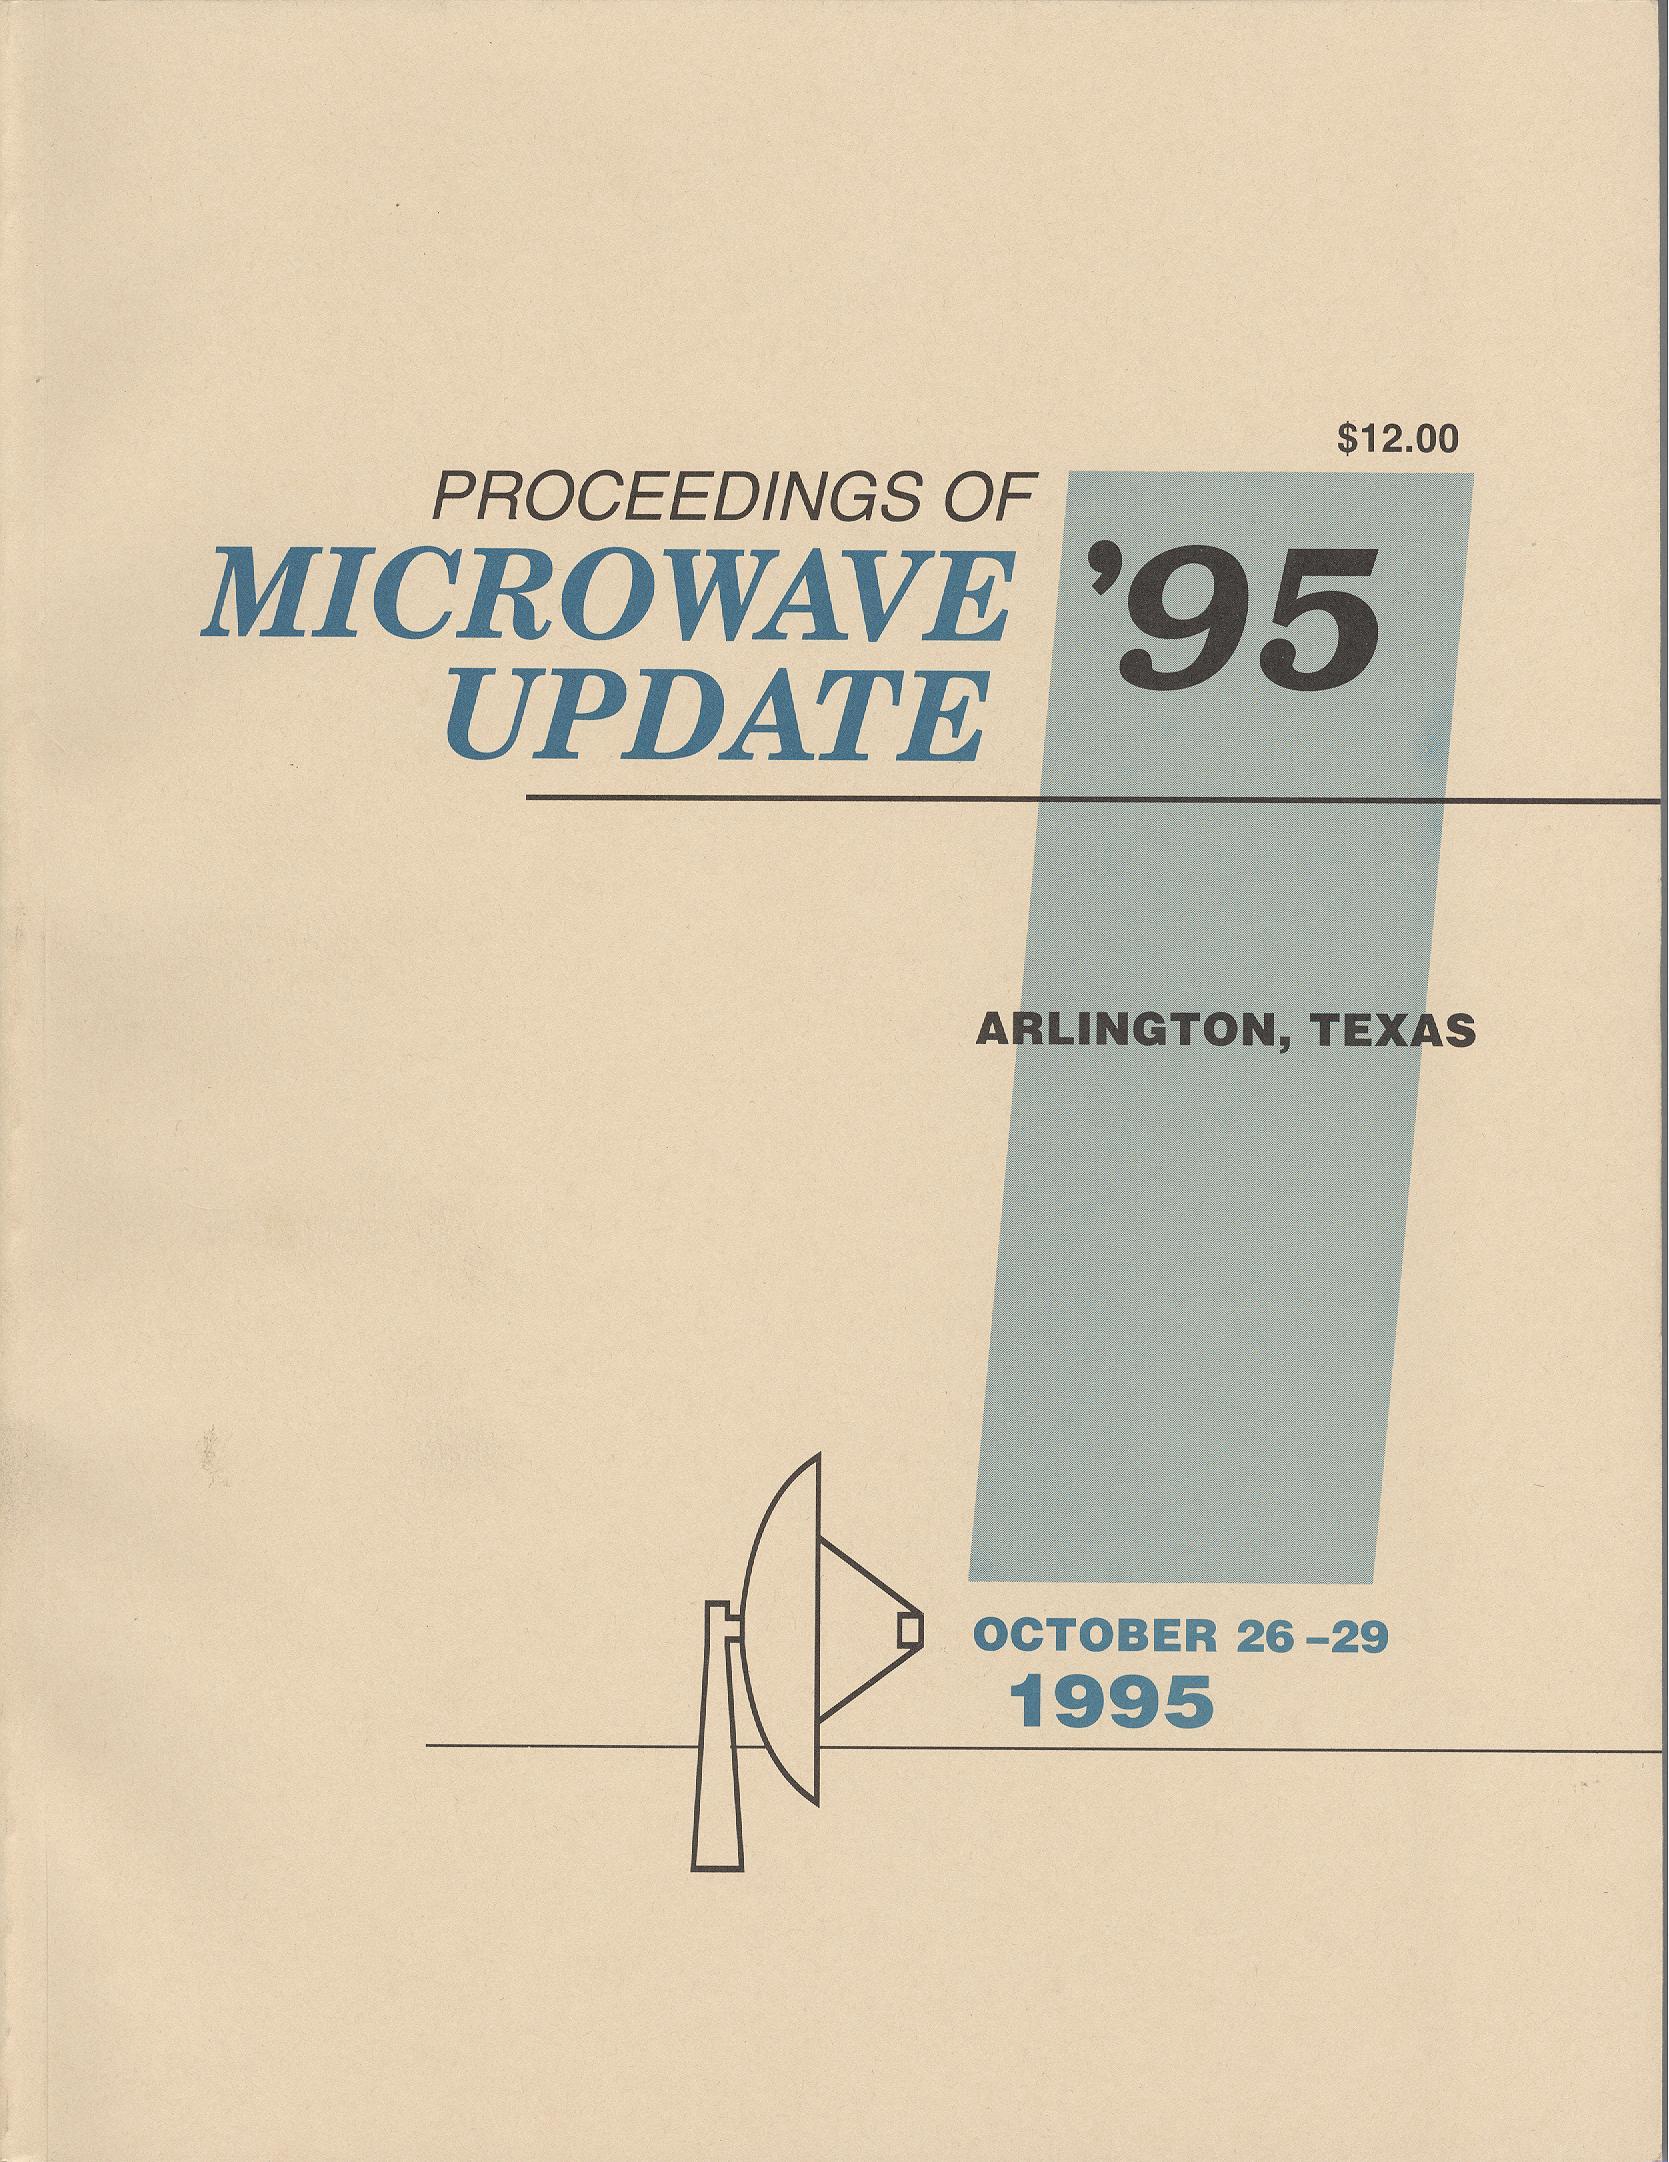 Proceedings of Microwave Update '95